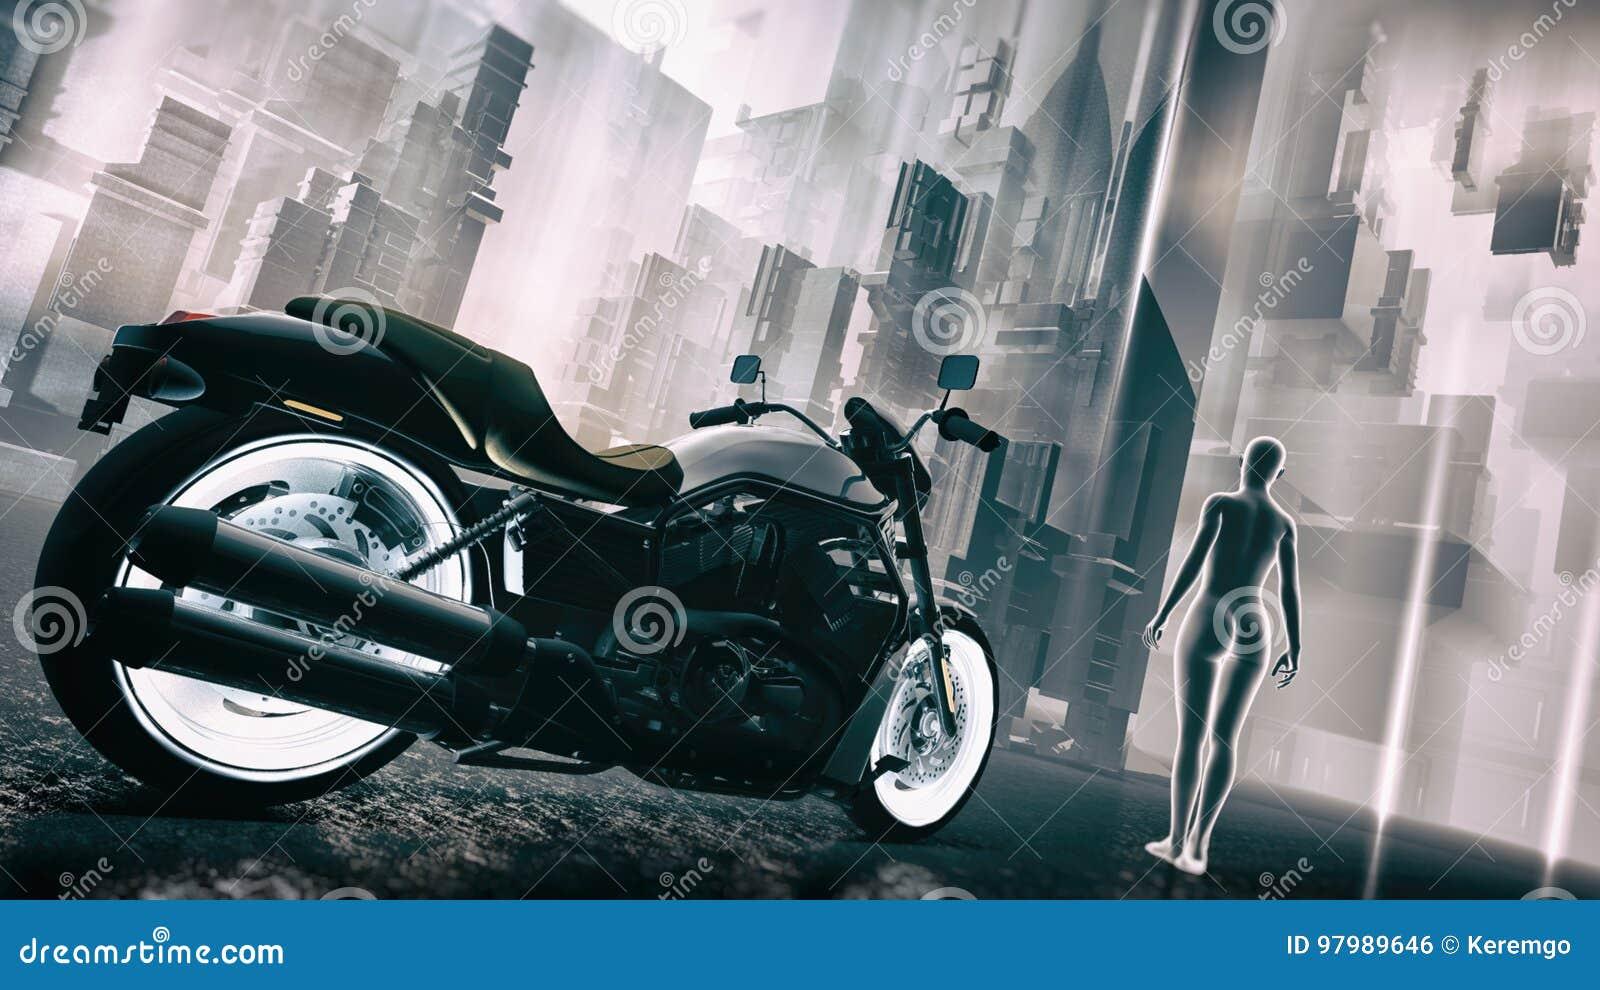 Retro Futuristic Sci-Fi Motorcycle Cityscape Illustration